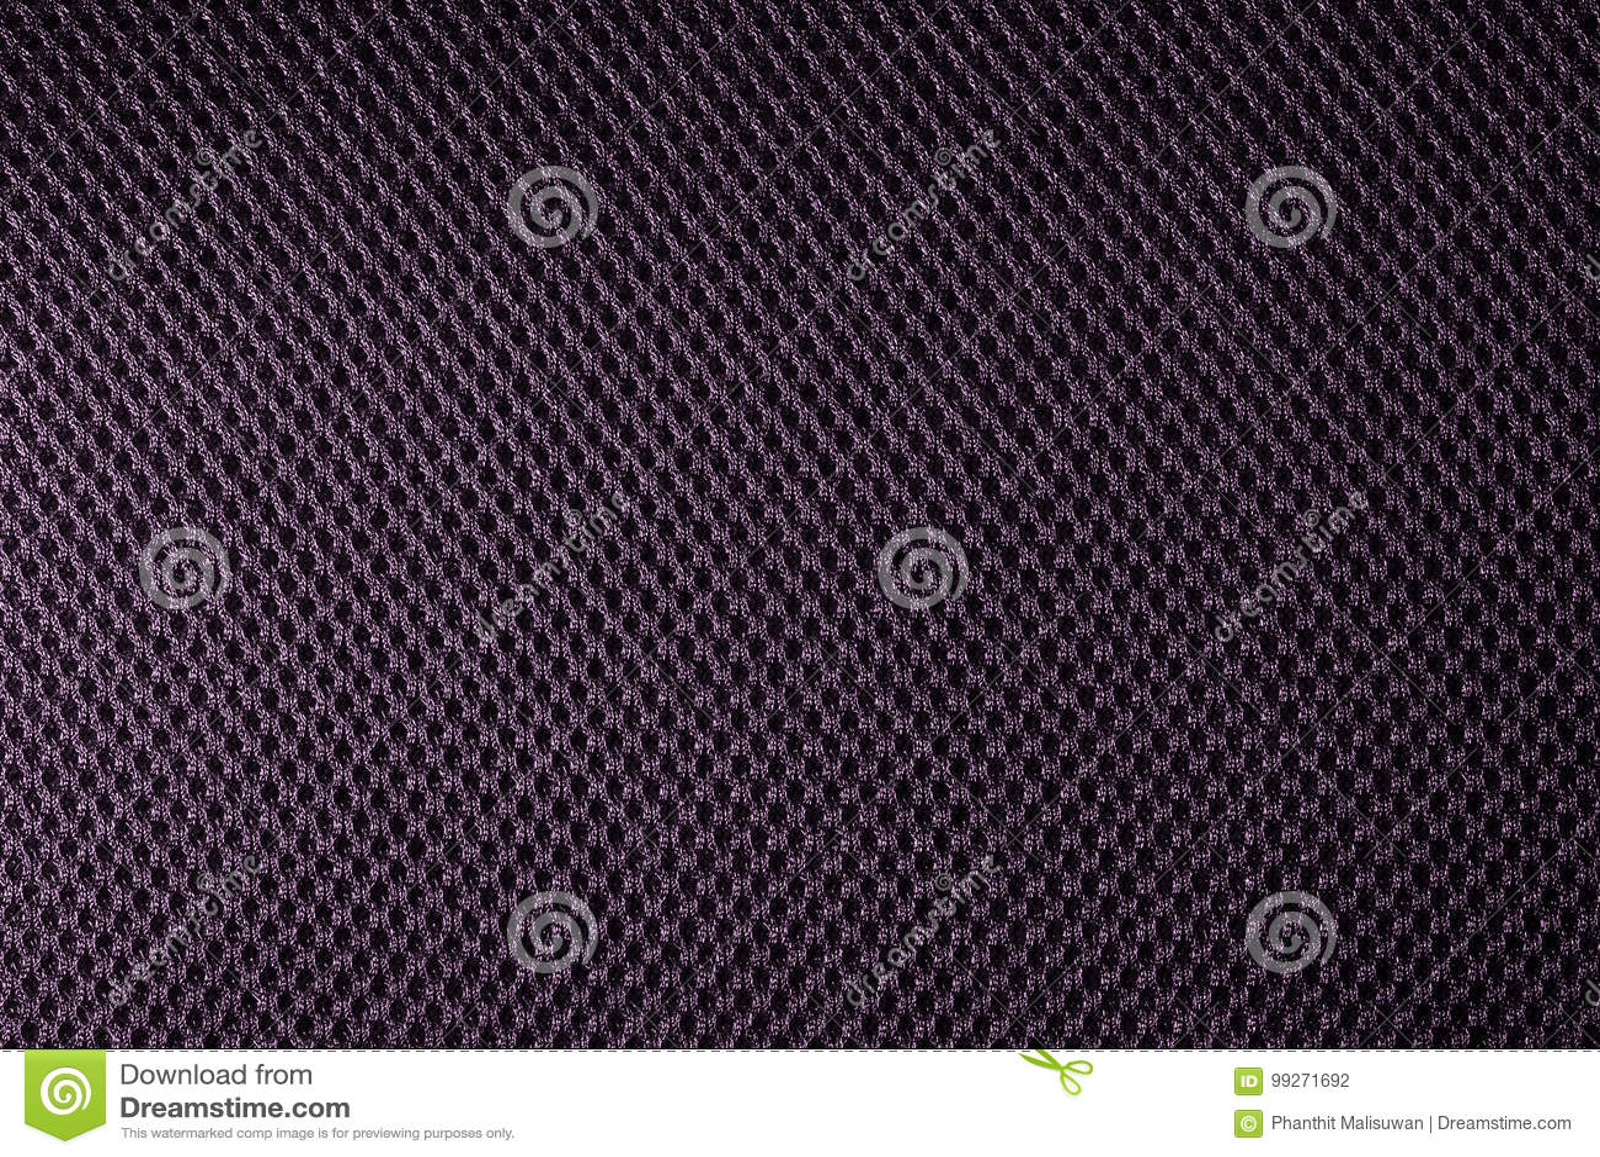 Exporters Nylon Fabric